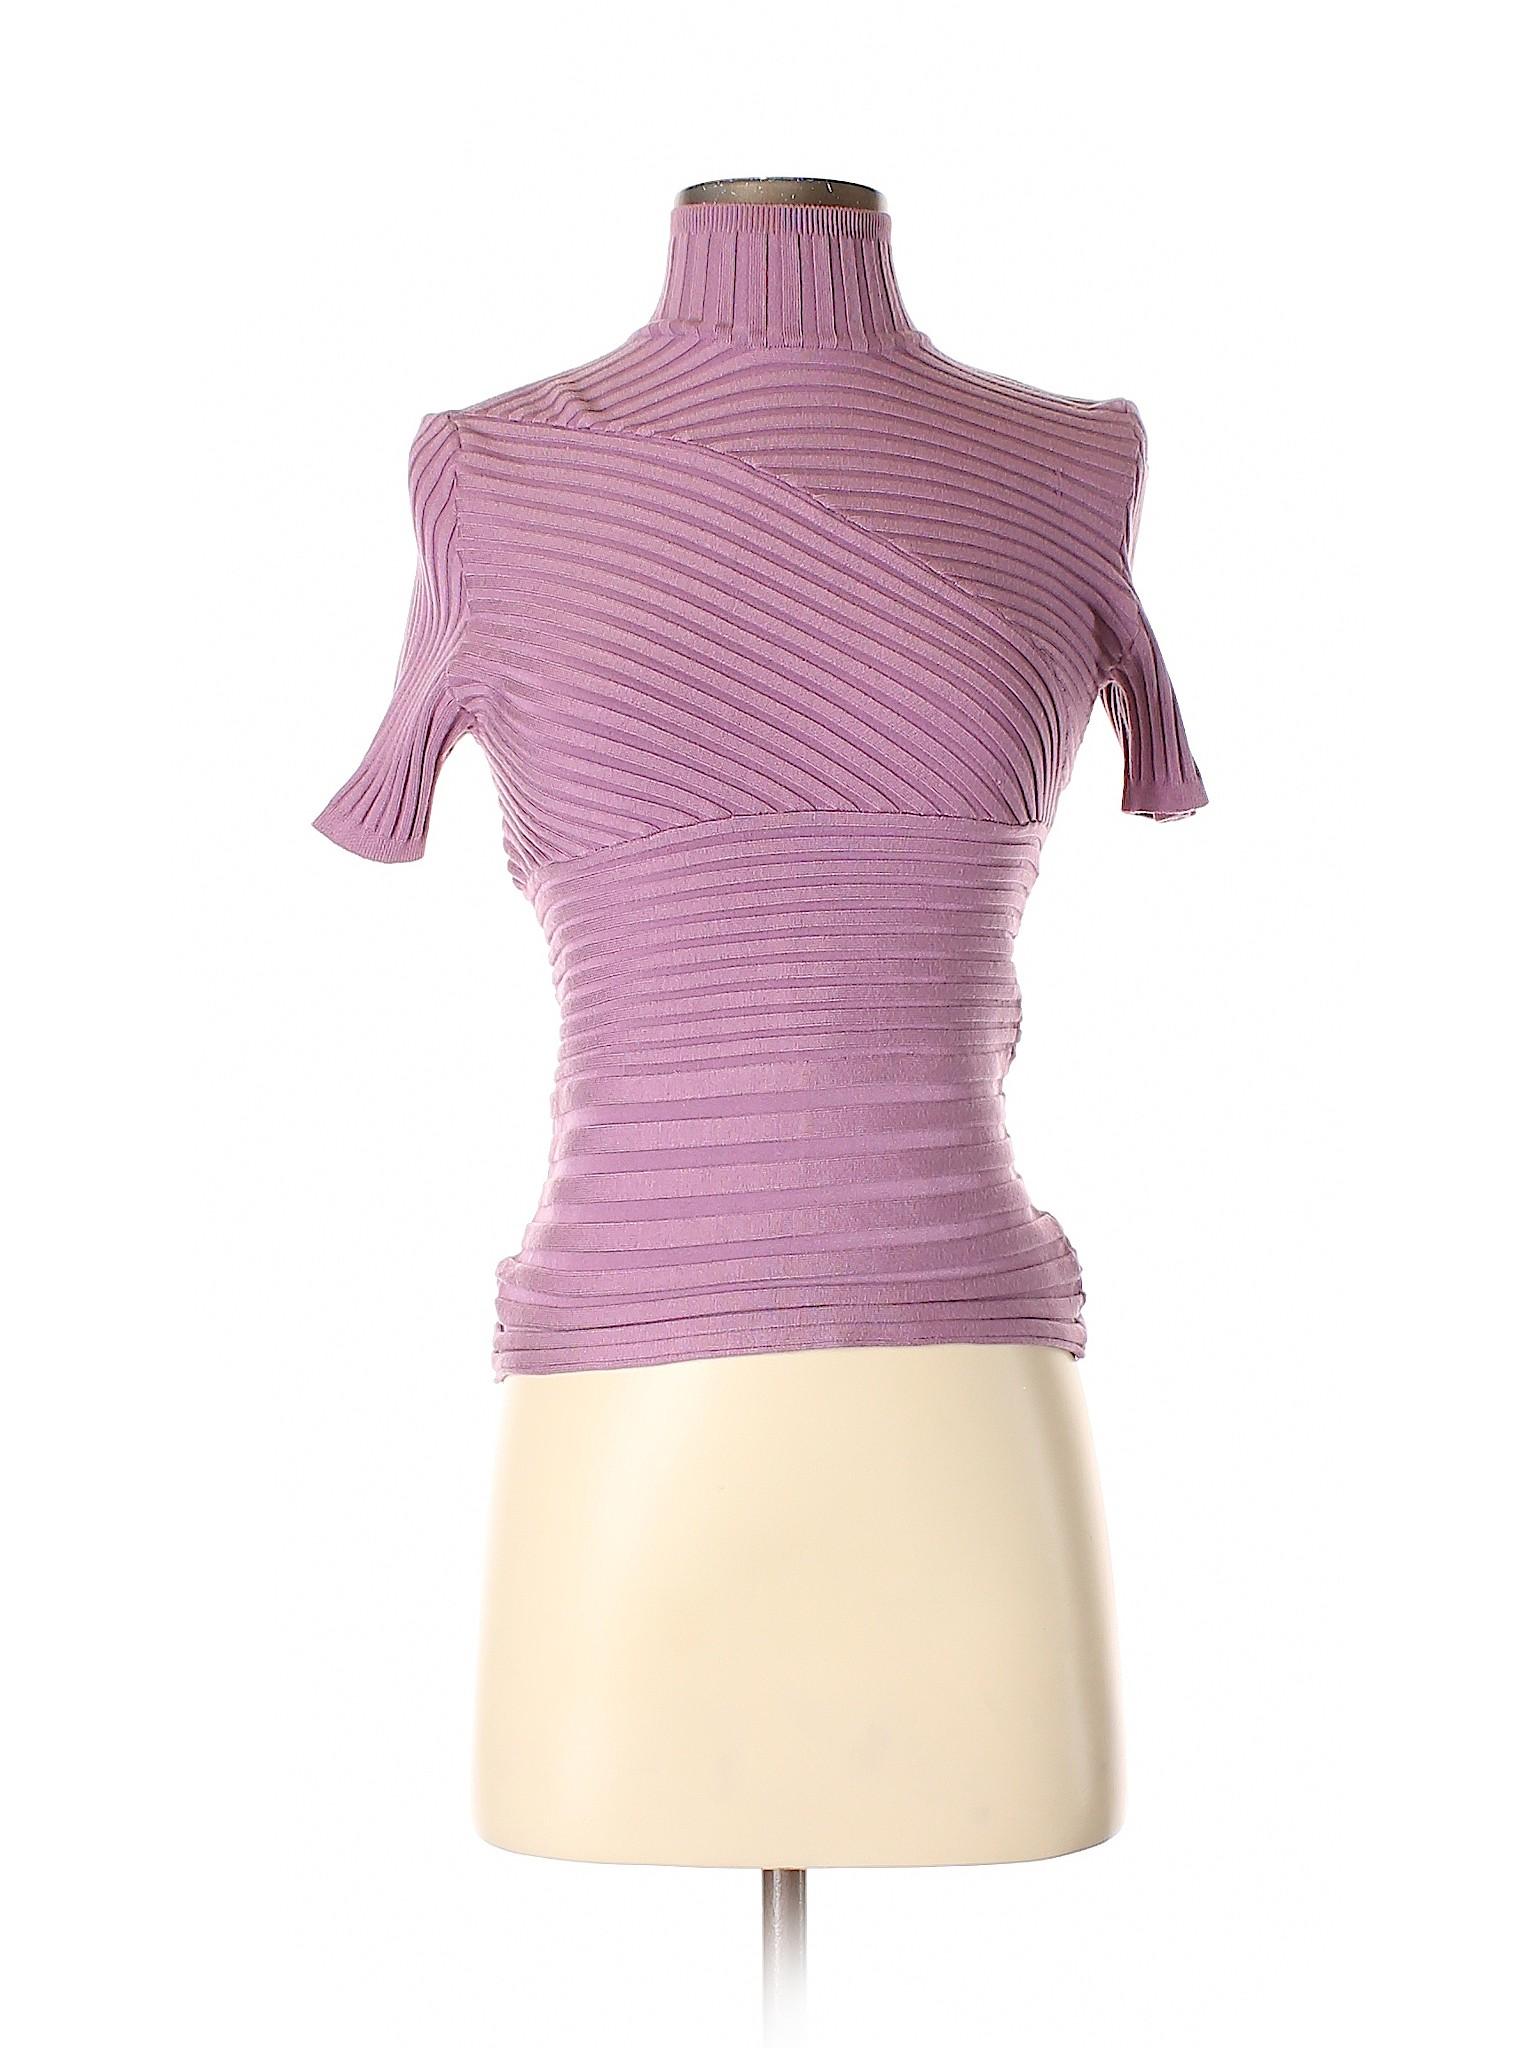 Boutique Sweater Pullover M Silk Tracy HqvwSHr